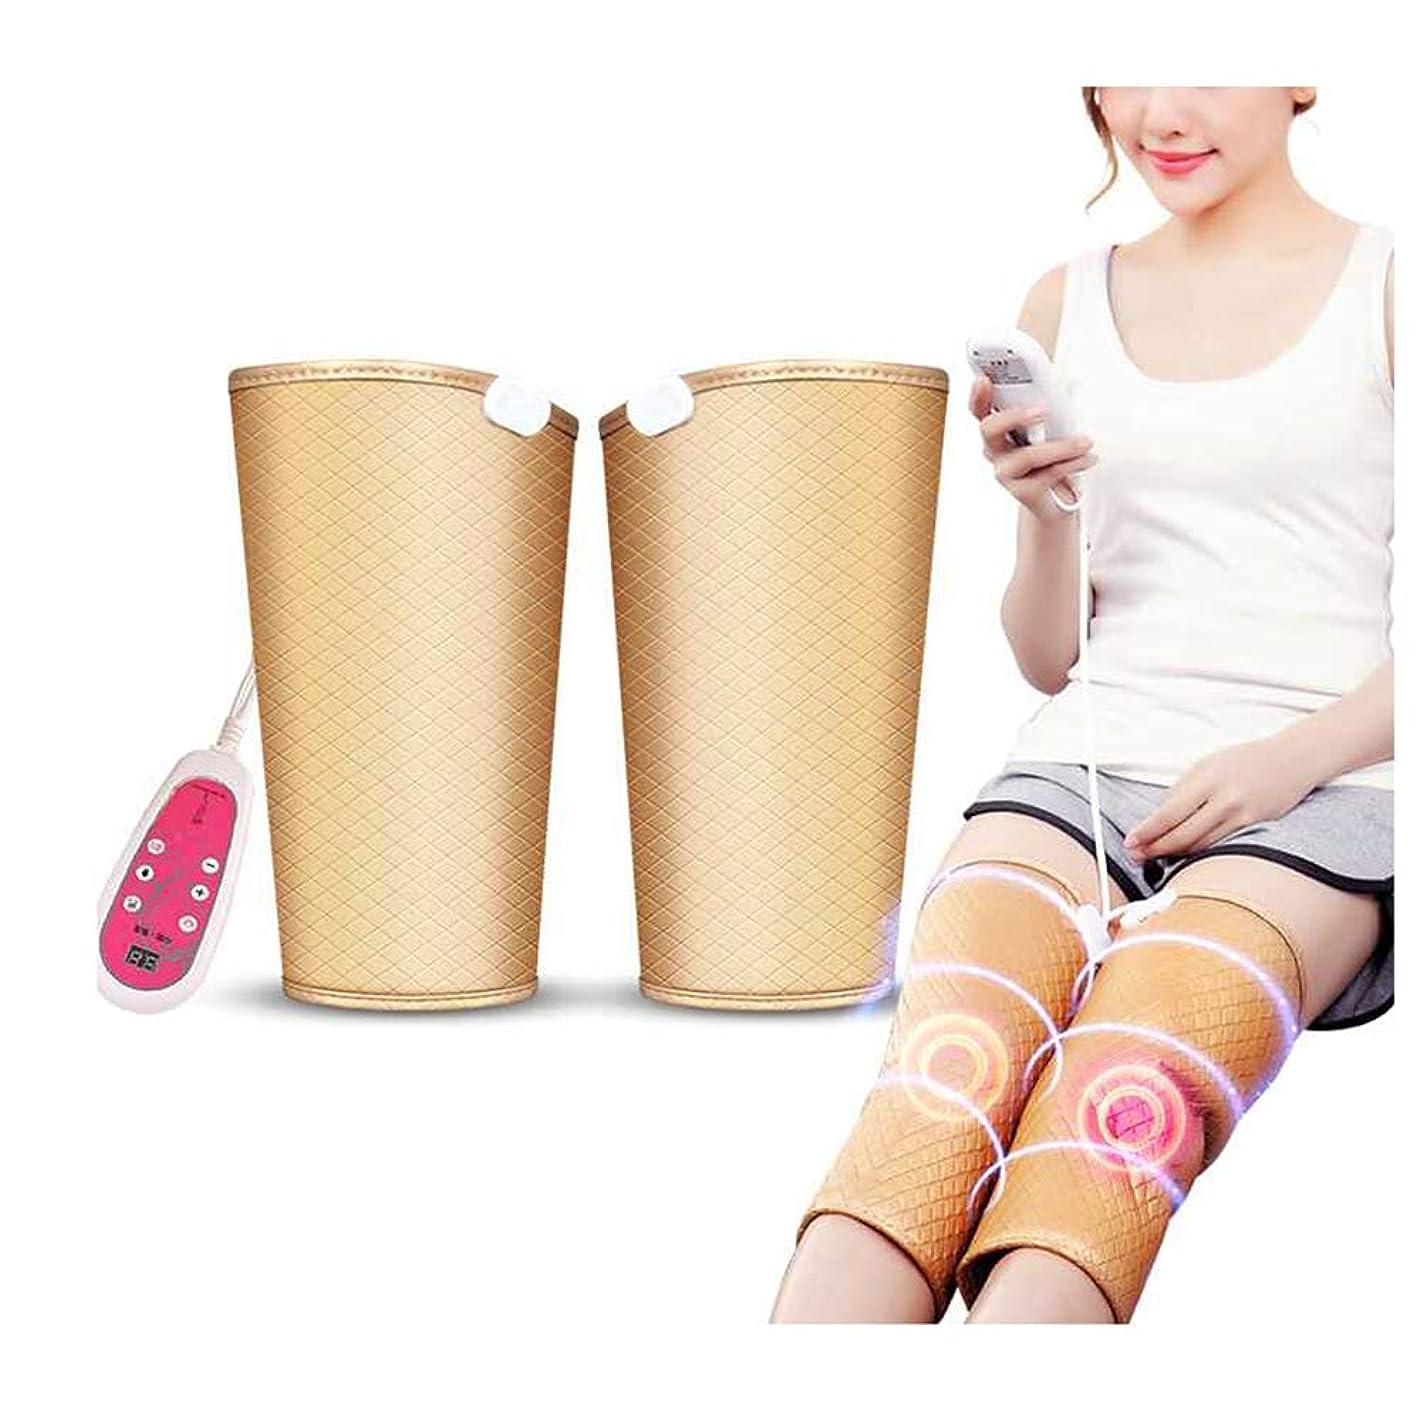 シニスルアー裁判官暖房膝サポート9マッサージモードと膝のけがのための5つの速度でラップ膝温めラップパッド療法マッサージャー